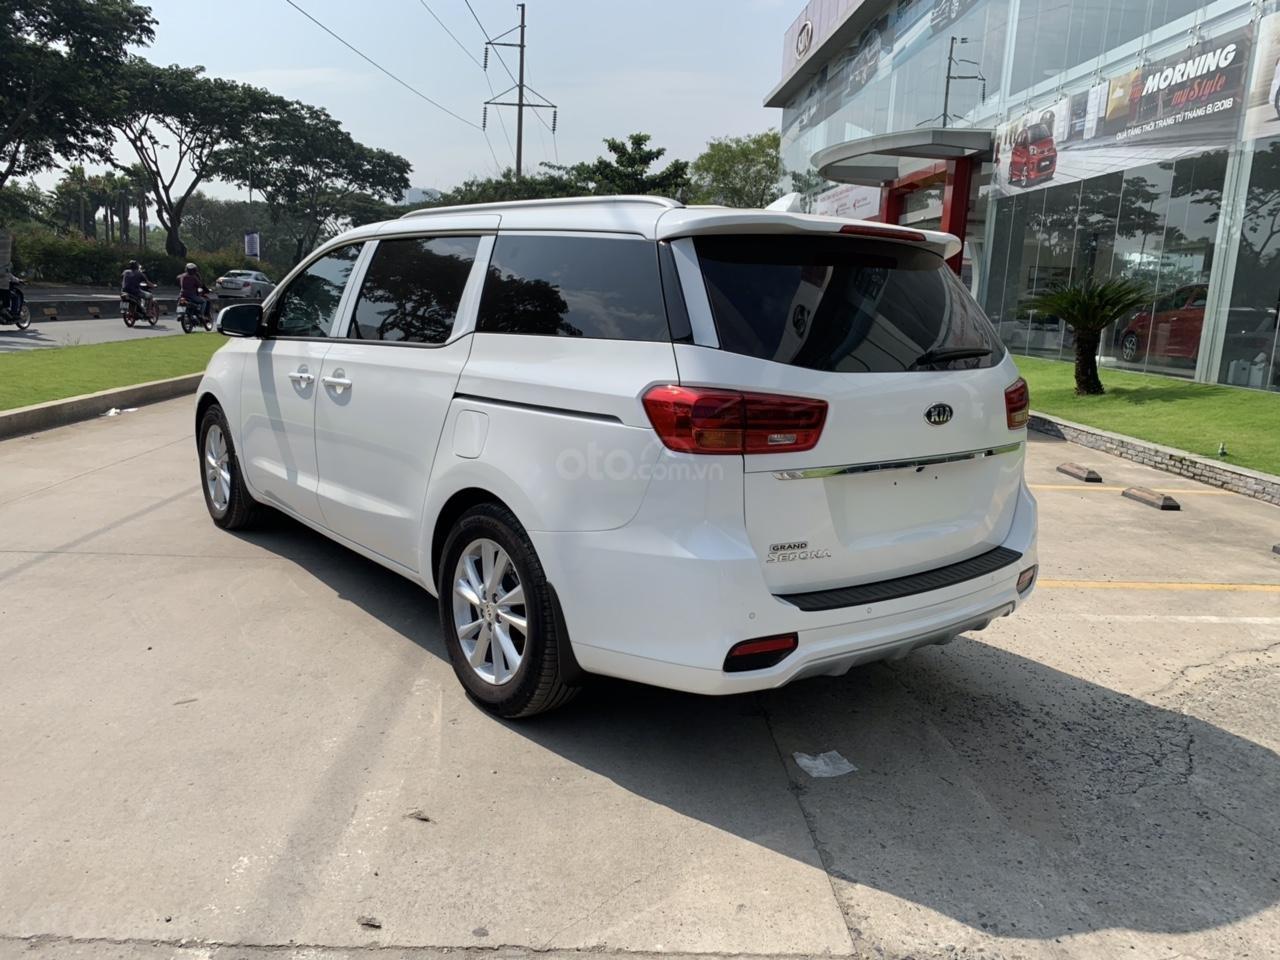 Bán Kia Sedona 2019 nhiều phiên bản, tặng ngay bảo hiểm xe, cam kết khuyến mãi tốt nhất, LH ngay: 0937.18.36.39 (Hậu)-5